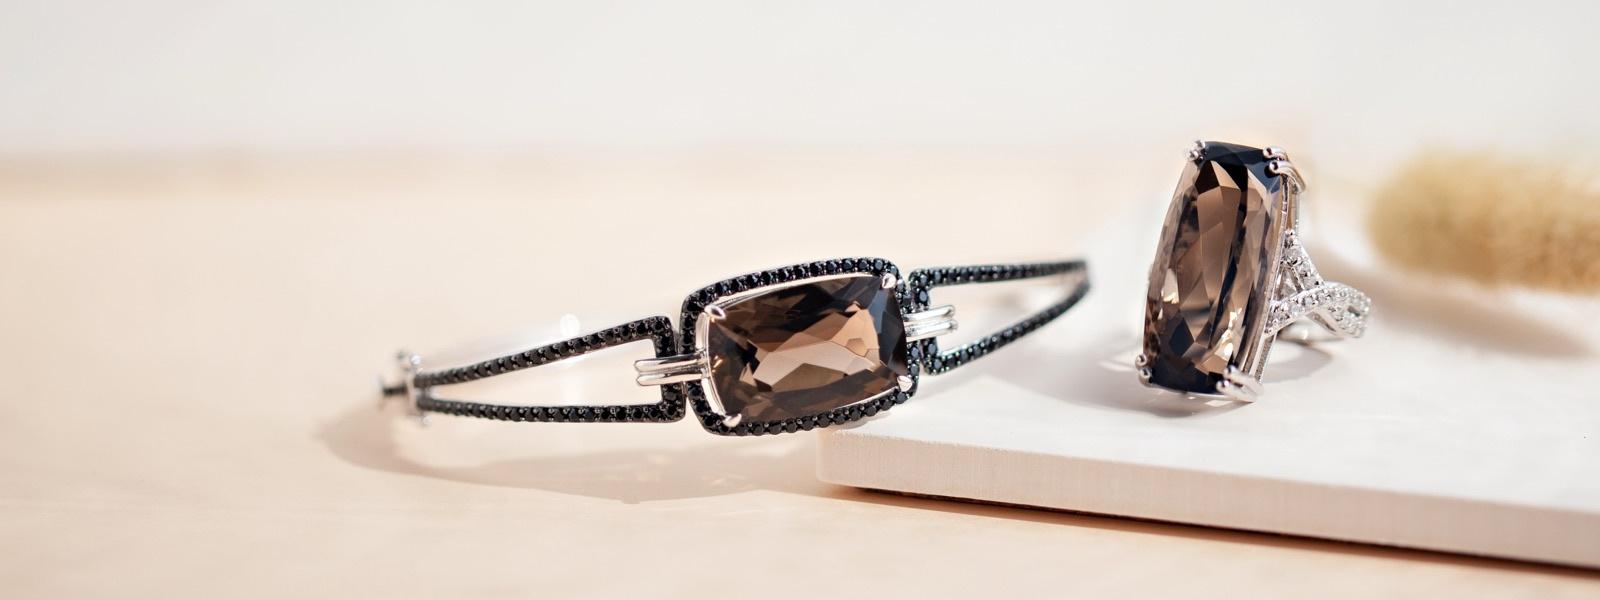 Smoky quartz jewelry